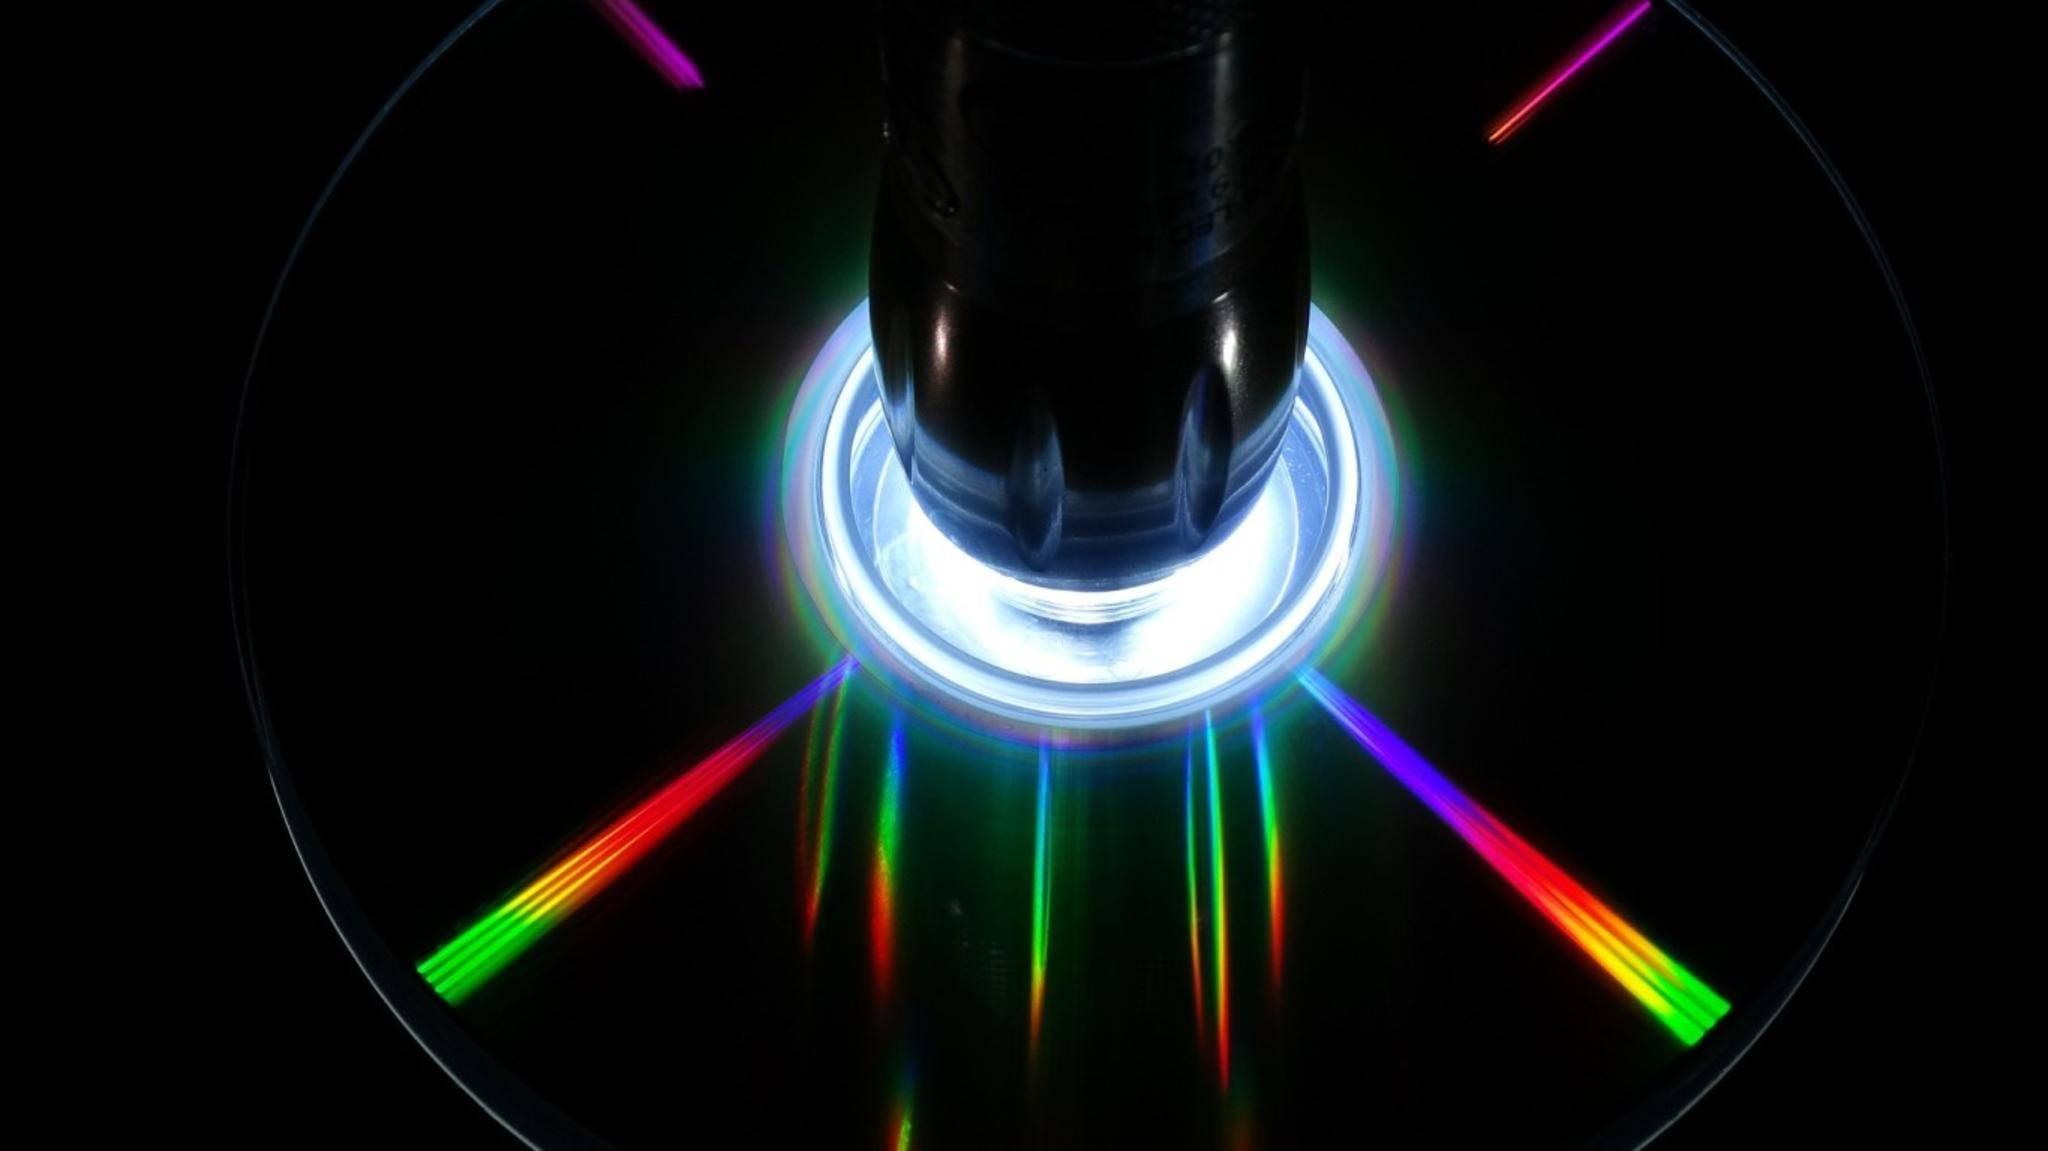 Wir verraten Dir, wie Du MP4-Videos auf eine DVD brennen kannst.